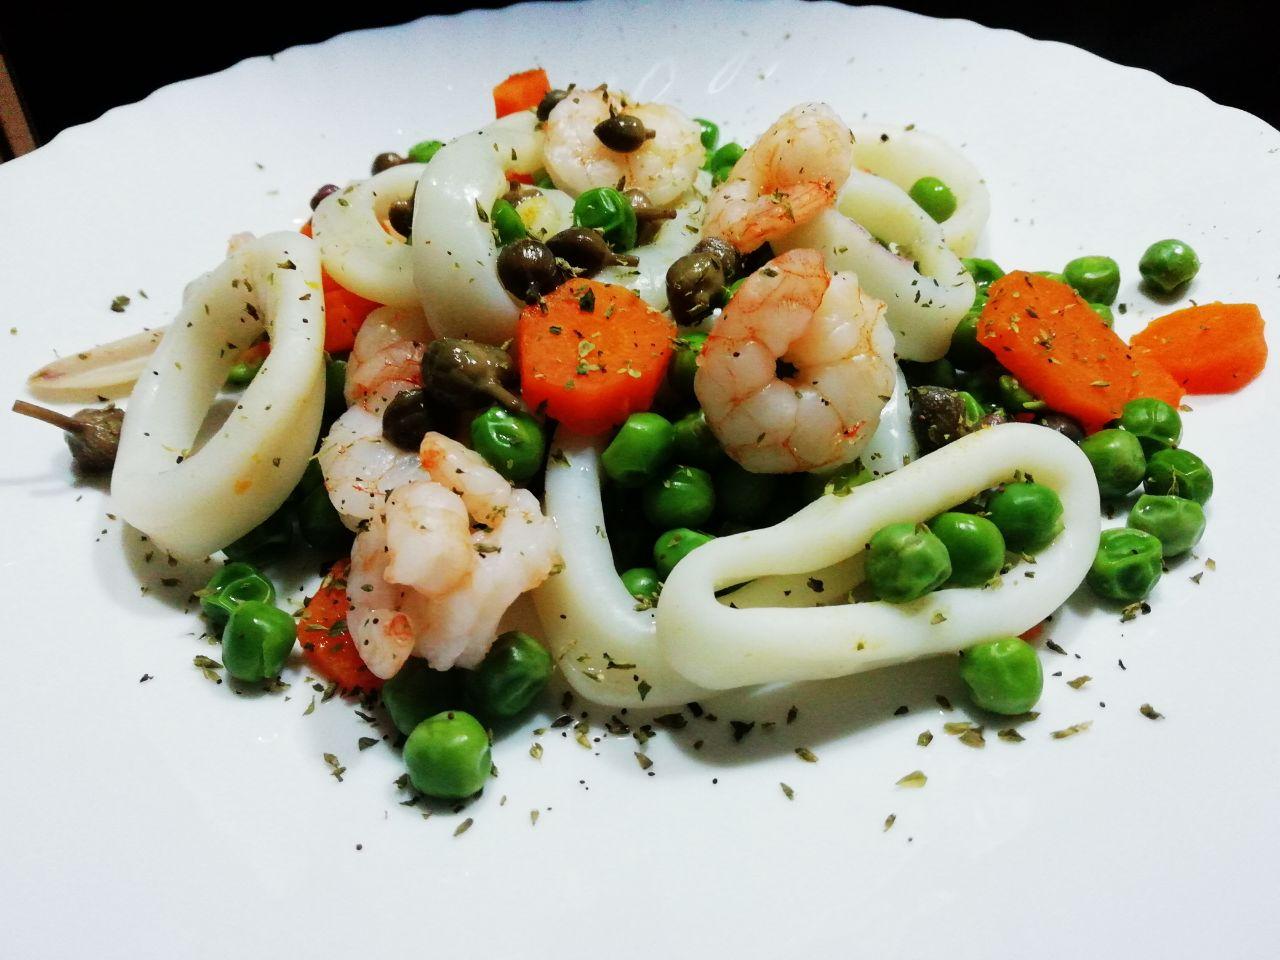 Secondi piatti a base di pesce: totano e gamberetti con piselli e carote!